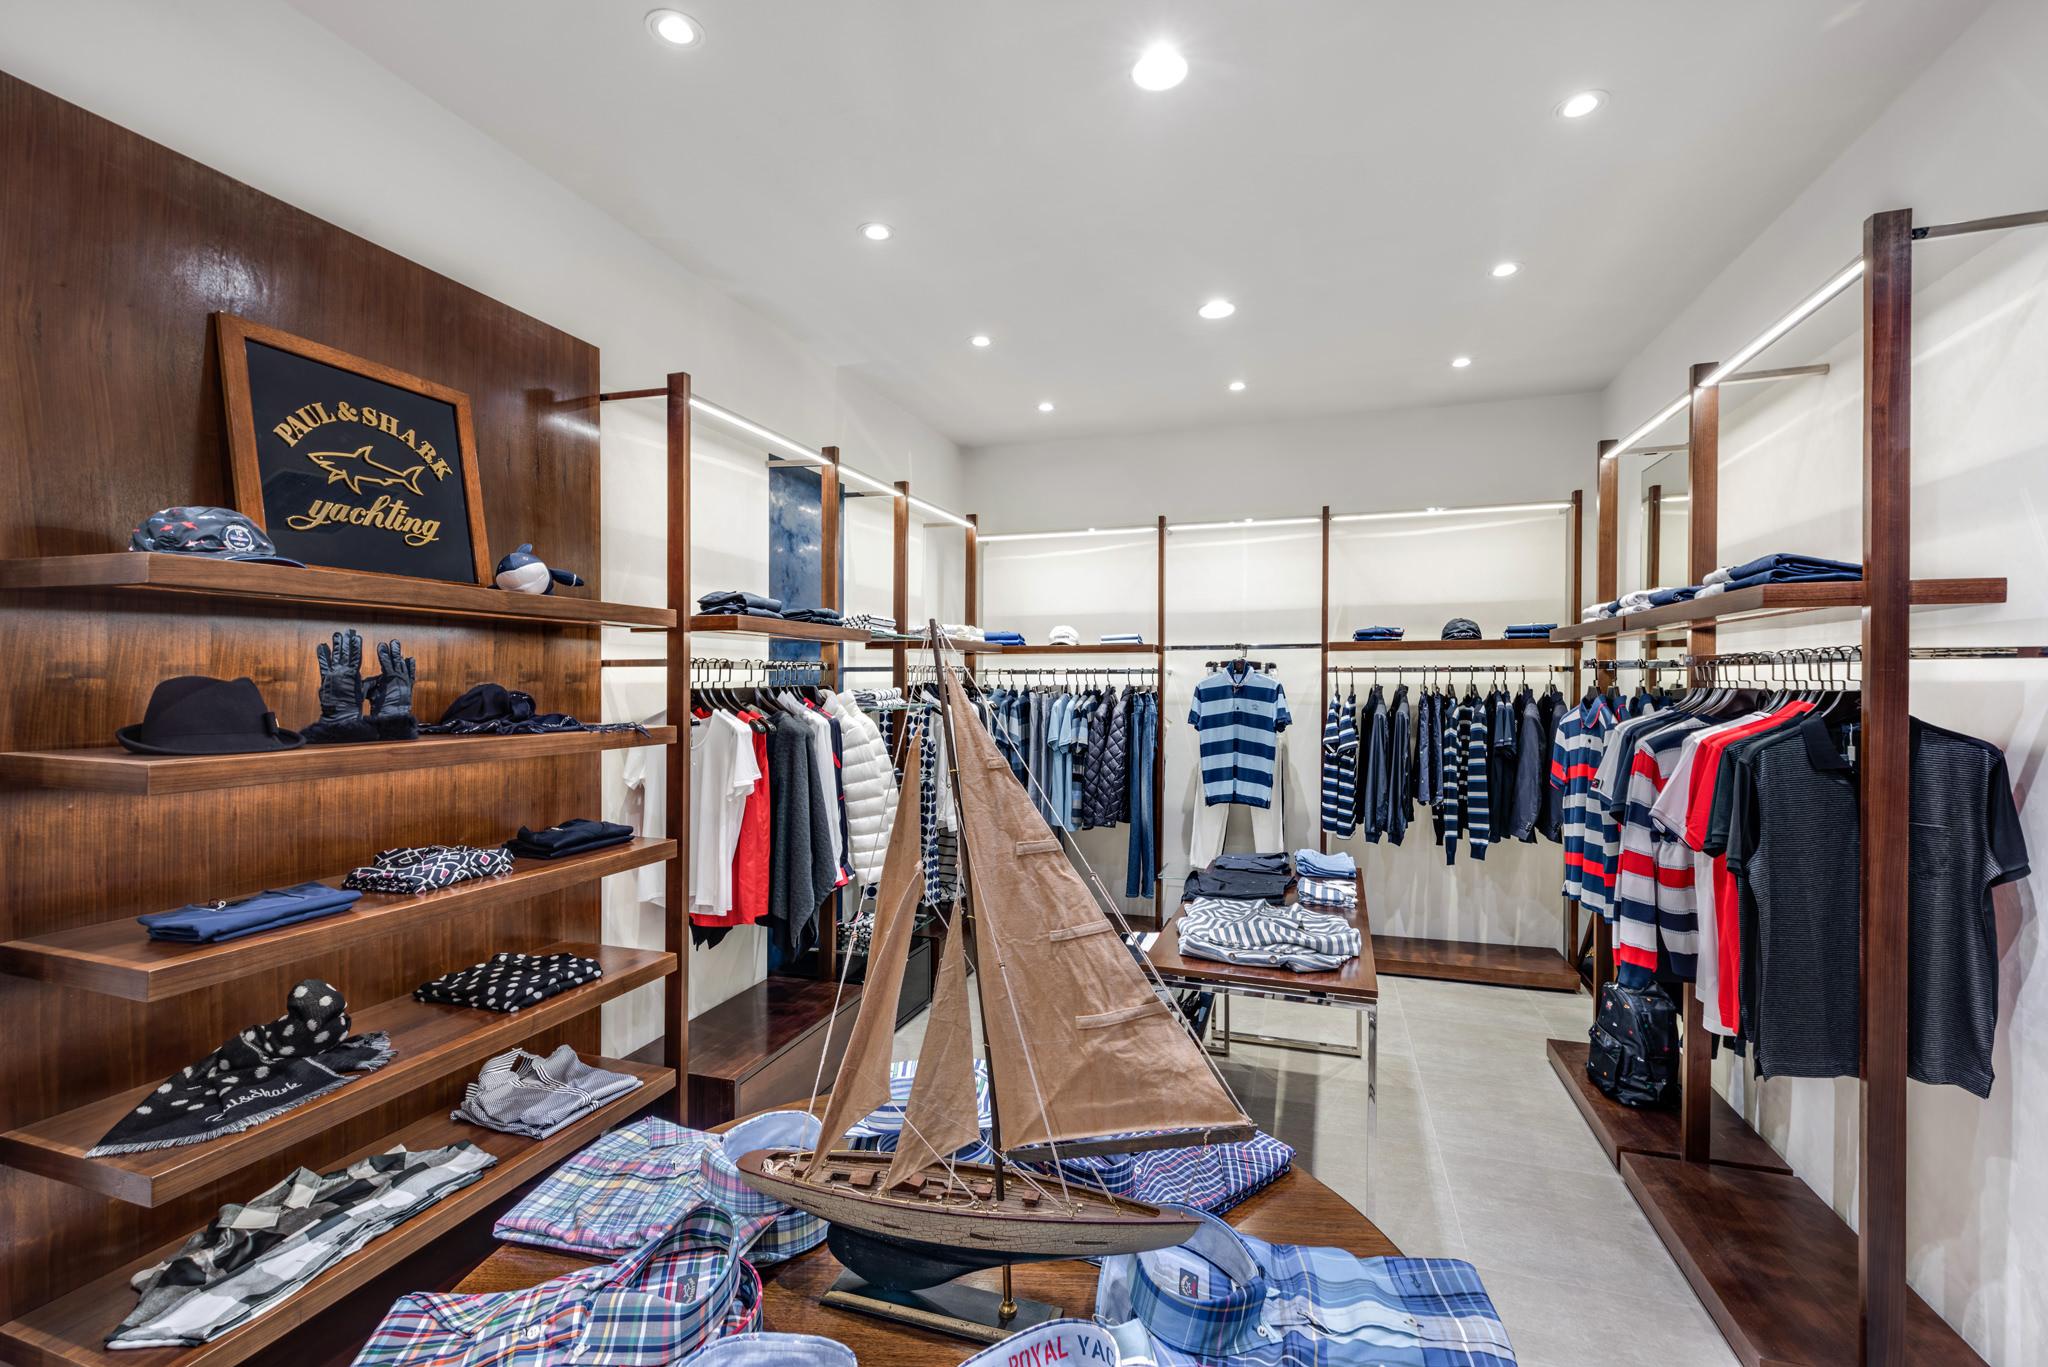 20160729 - Paul & Shark - HCM - Commercial - Interior - Store - Retouch 0009.jpg